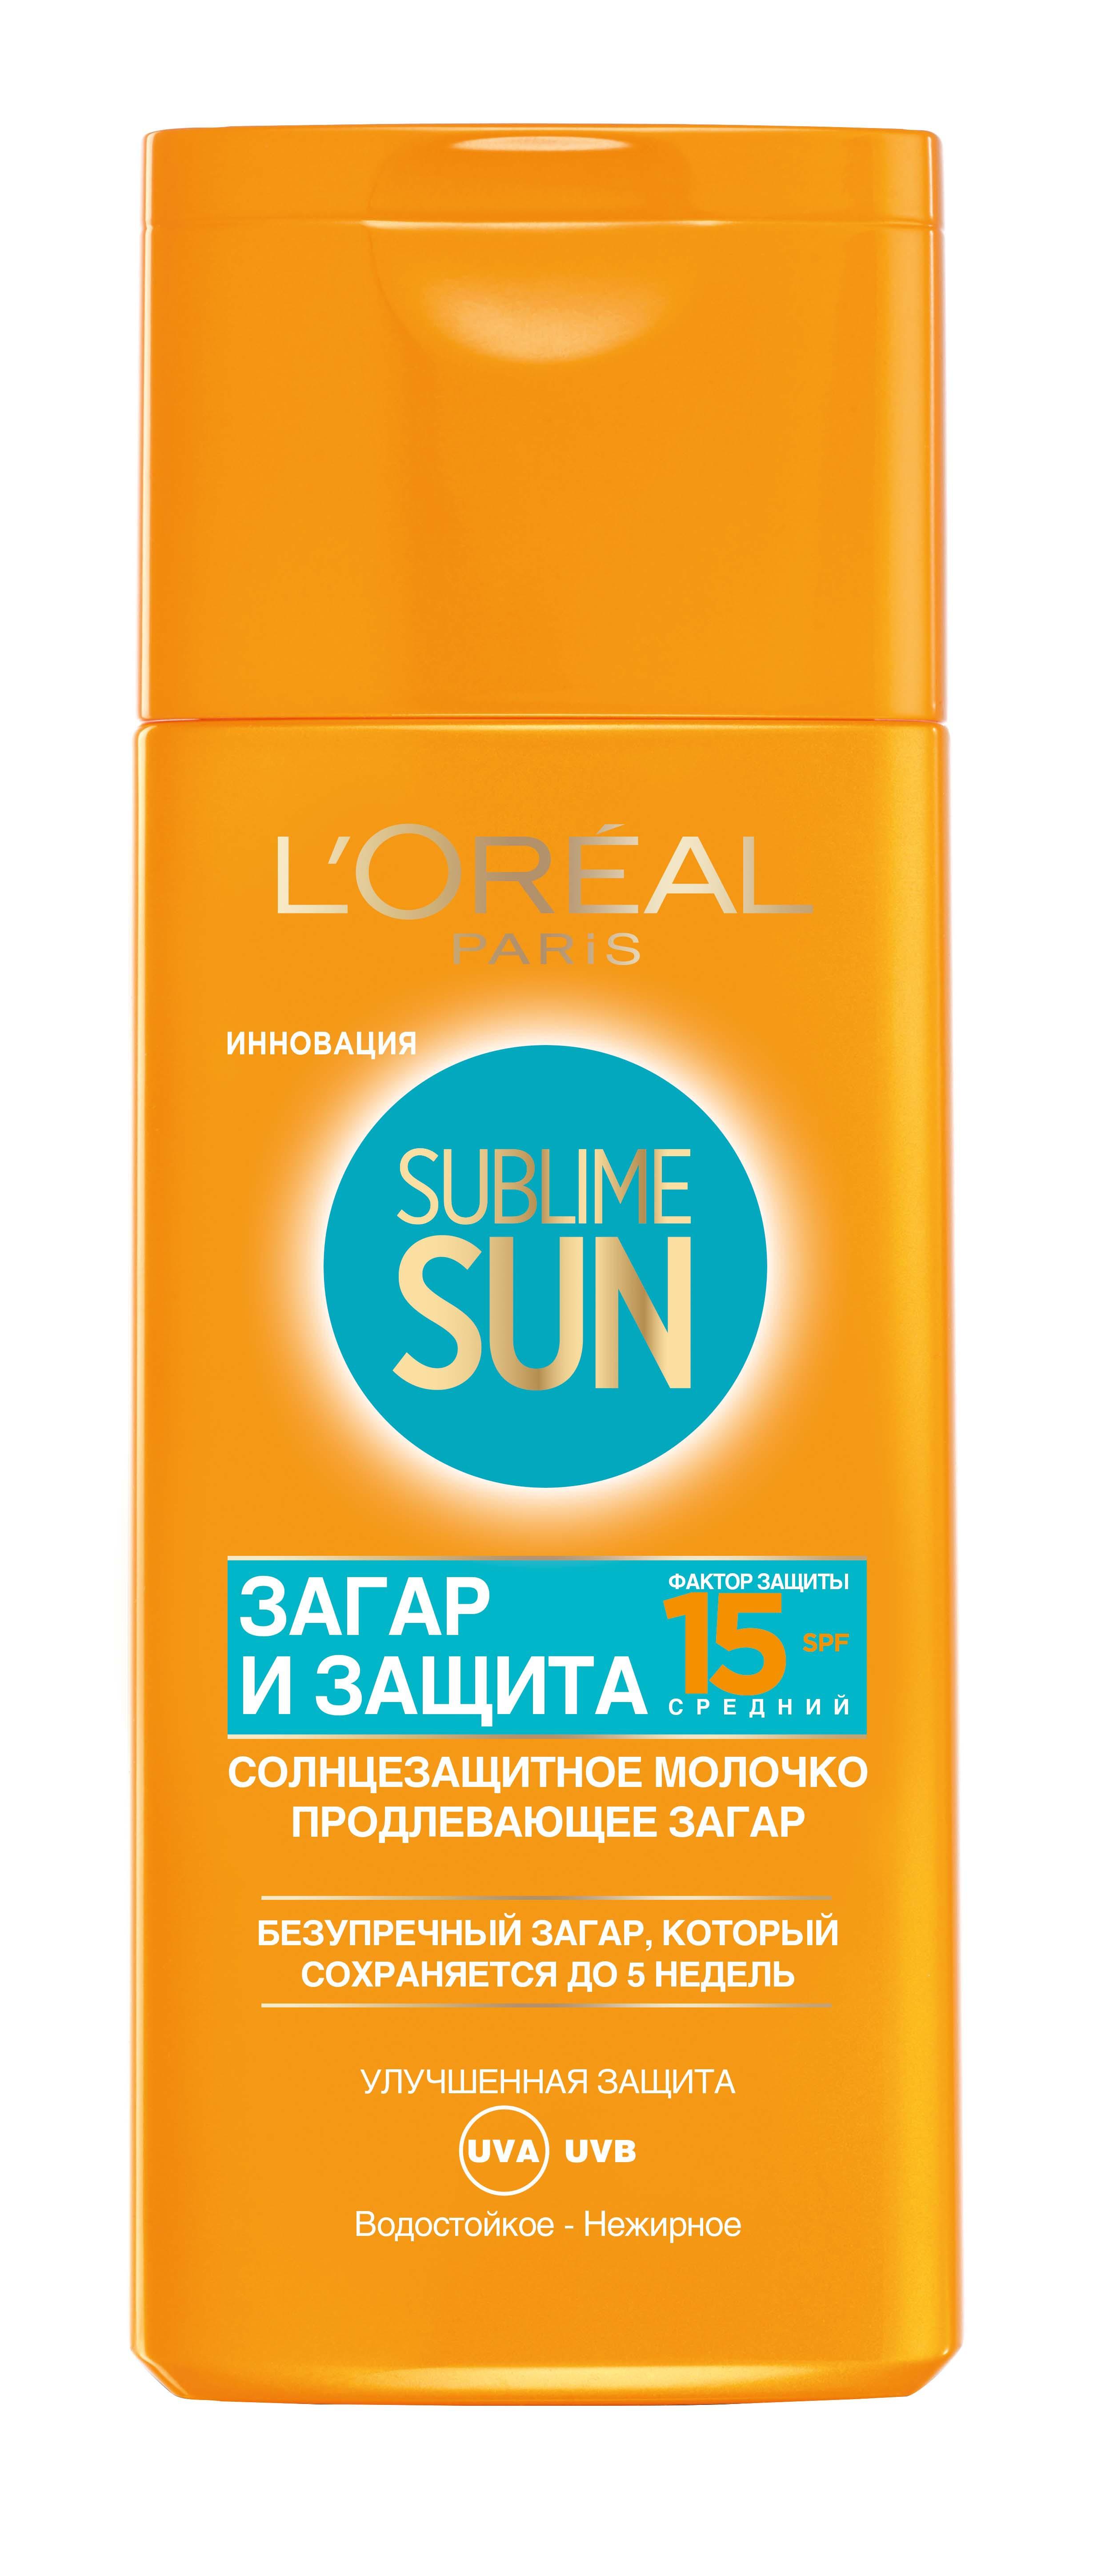 LOreal Paris Sublime Sun Молочко для тела Загар и Защита, солнцезащитное, SPF15, 200 млAC-1121RDСолнцезащитное молочко для тела «Sublime Sun, Загар и Защита» отлично подойдет для непринужденного пляжного отдыха. Благодаря специальной системе фильтровMexoryl SX и комплексному Усилителю Загара средство стимулирует естественную выработку меланина для ровного и стойкого загара. Тщательно подобранный комплекс витаминов и антиоксидантов защищает от негативного влияния УФ-лучей. Питательный комплекс Продление Загара обеспечивает сохранение загара на срок до 5 недель.